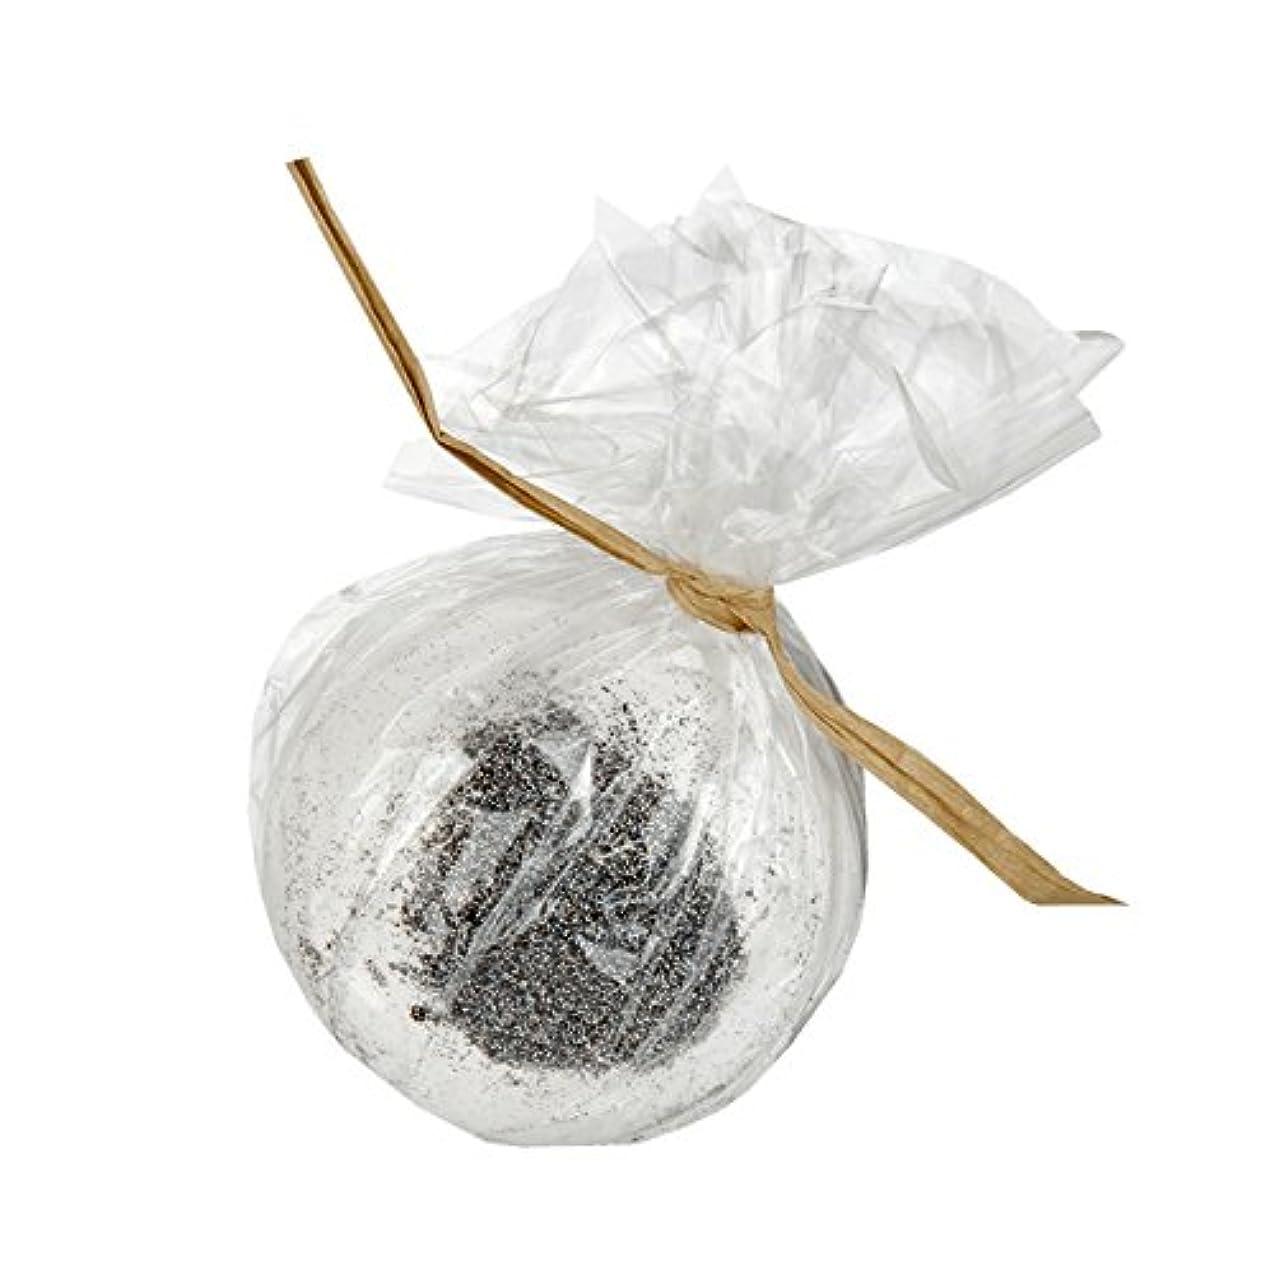 感謝している保育園封筒Beauty Kitchen Chill Me Moon Shine Bath Bomb 180g (Pack of 2) - 美しさのキッチンは私に密造酒風呂爆弾180グラムを冷やします (x2) [並行輸入品]